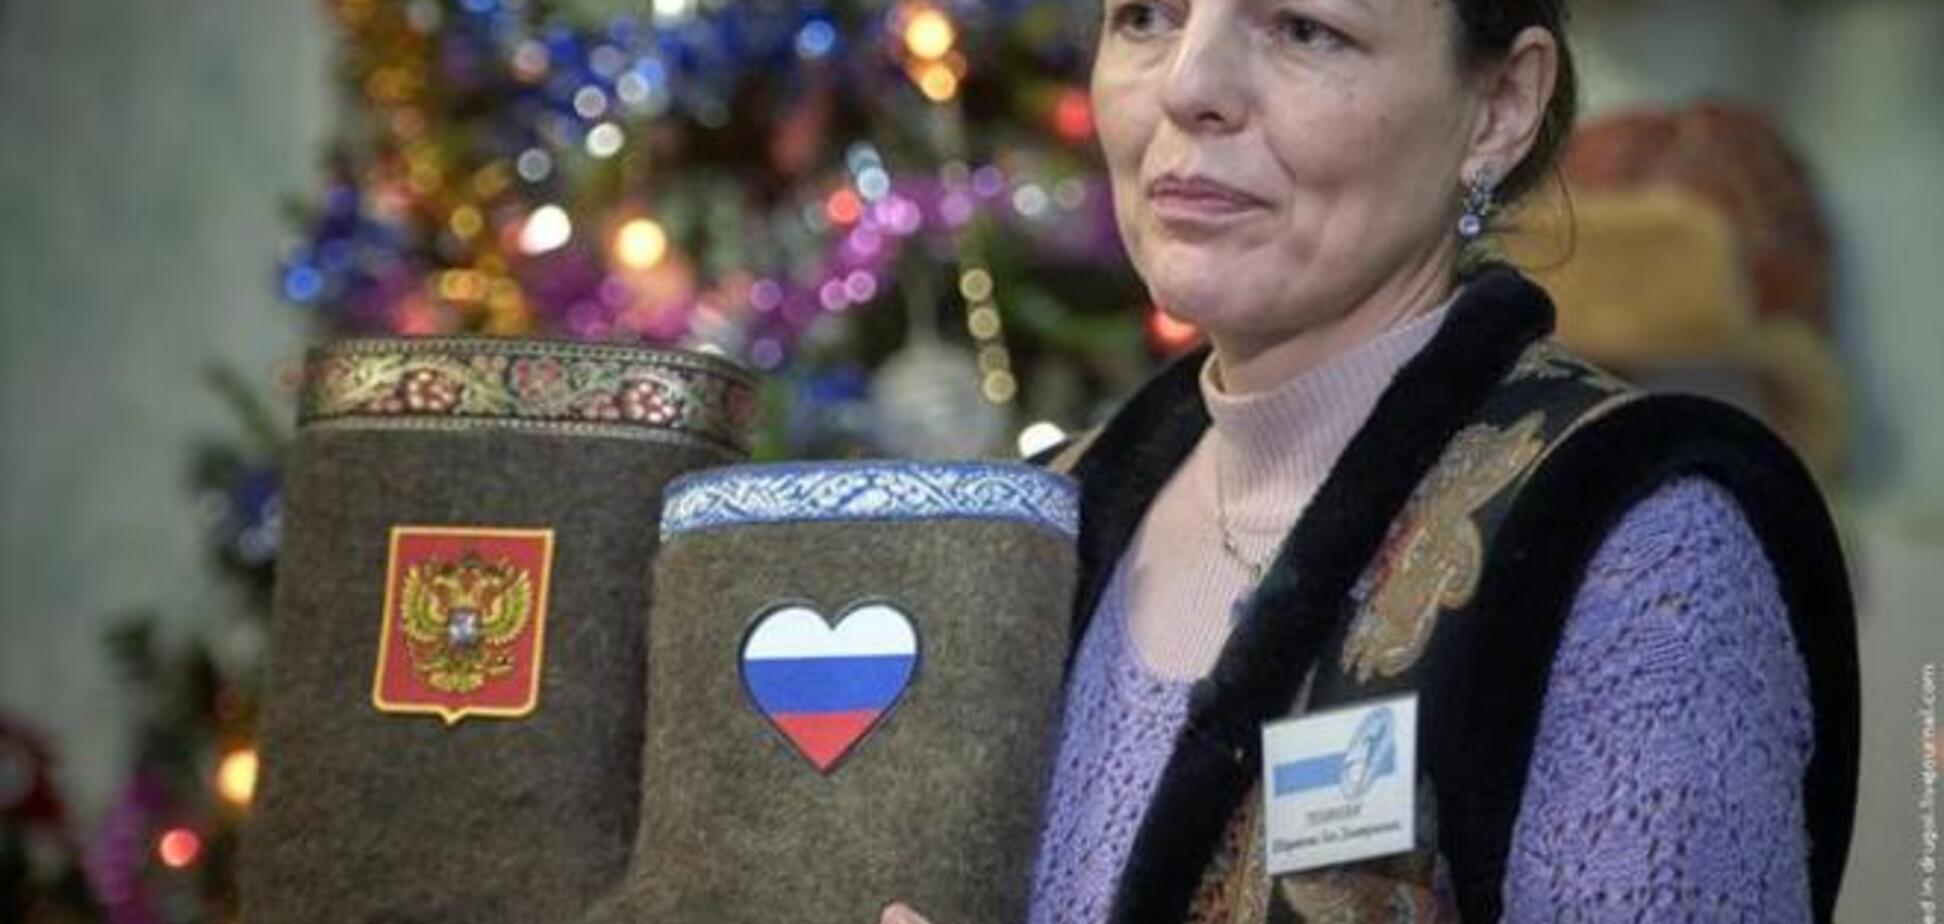 У Росії винайшли найпотужнішу 'зброю' проти санкцій - валянки з нацсимволікою